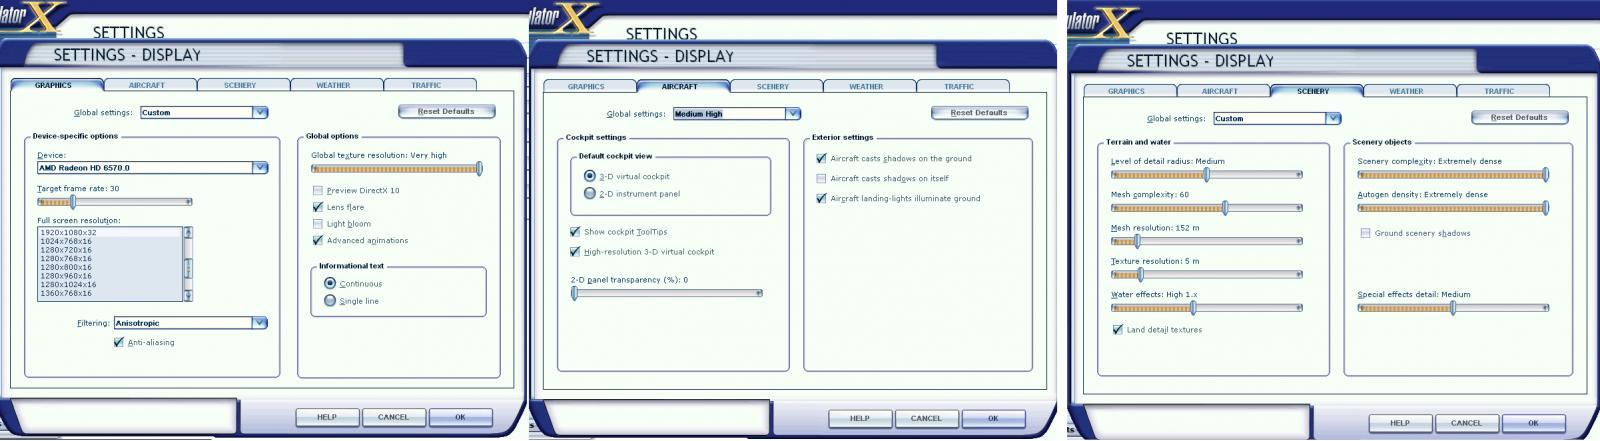 İsim:  setting.jpg Görüntüleme: 466 Büyüklük:  110.0 KB (Kilobyte)